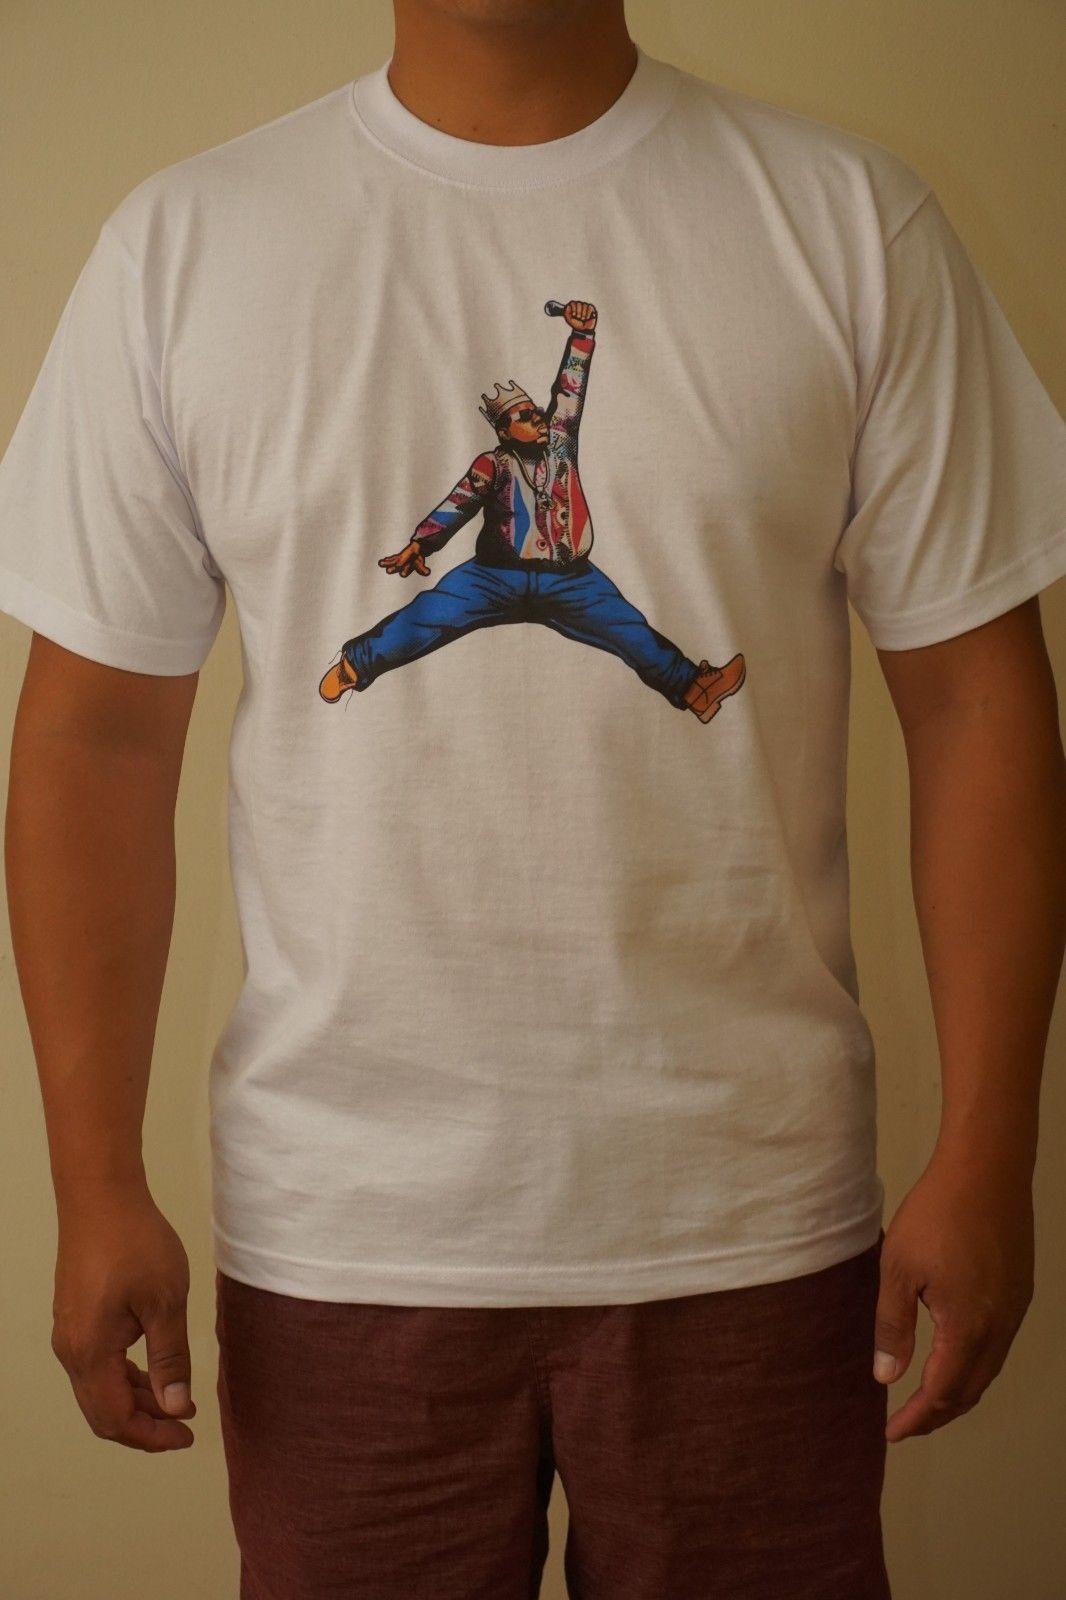 El diseño Notorious Big Biggie Smalls 3 Para hombres Camiseta Rap Hip Hop 4b65e6b7459